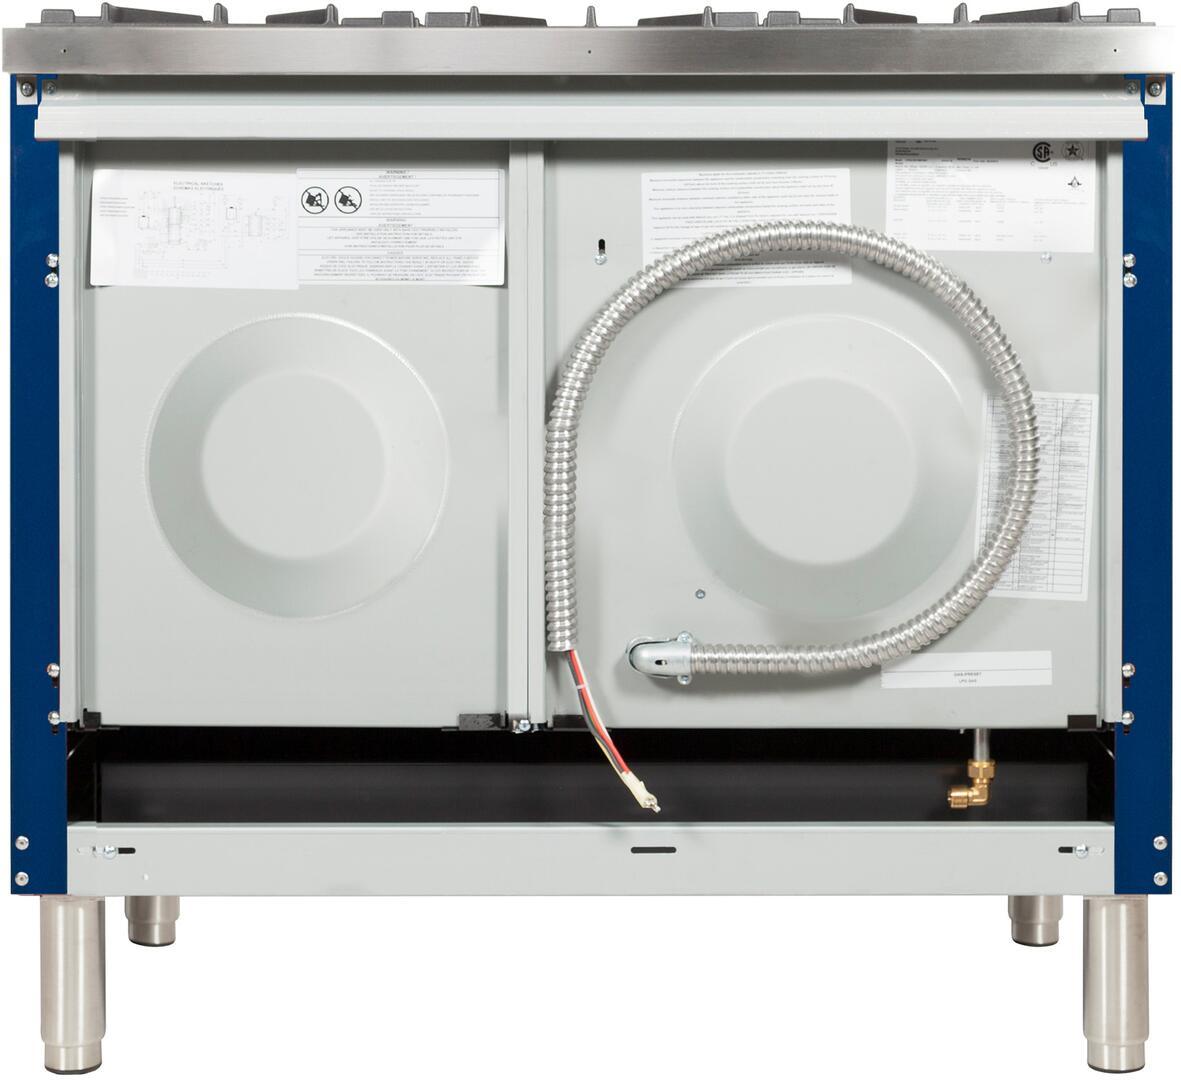 Ilve Nostalgie UPDN100FDMPBLXLP Freestanding Dual Fuel Range Blue, UPDN100FDMPBLXLP Back View